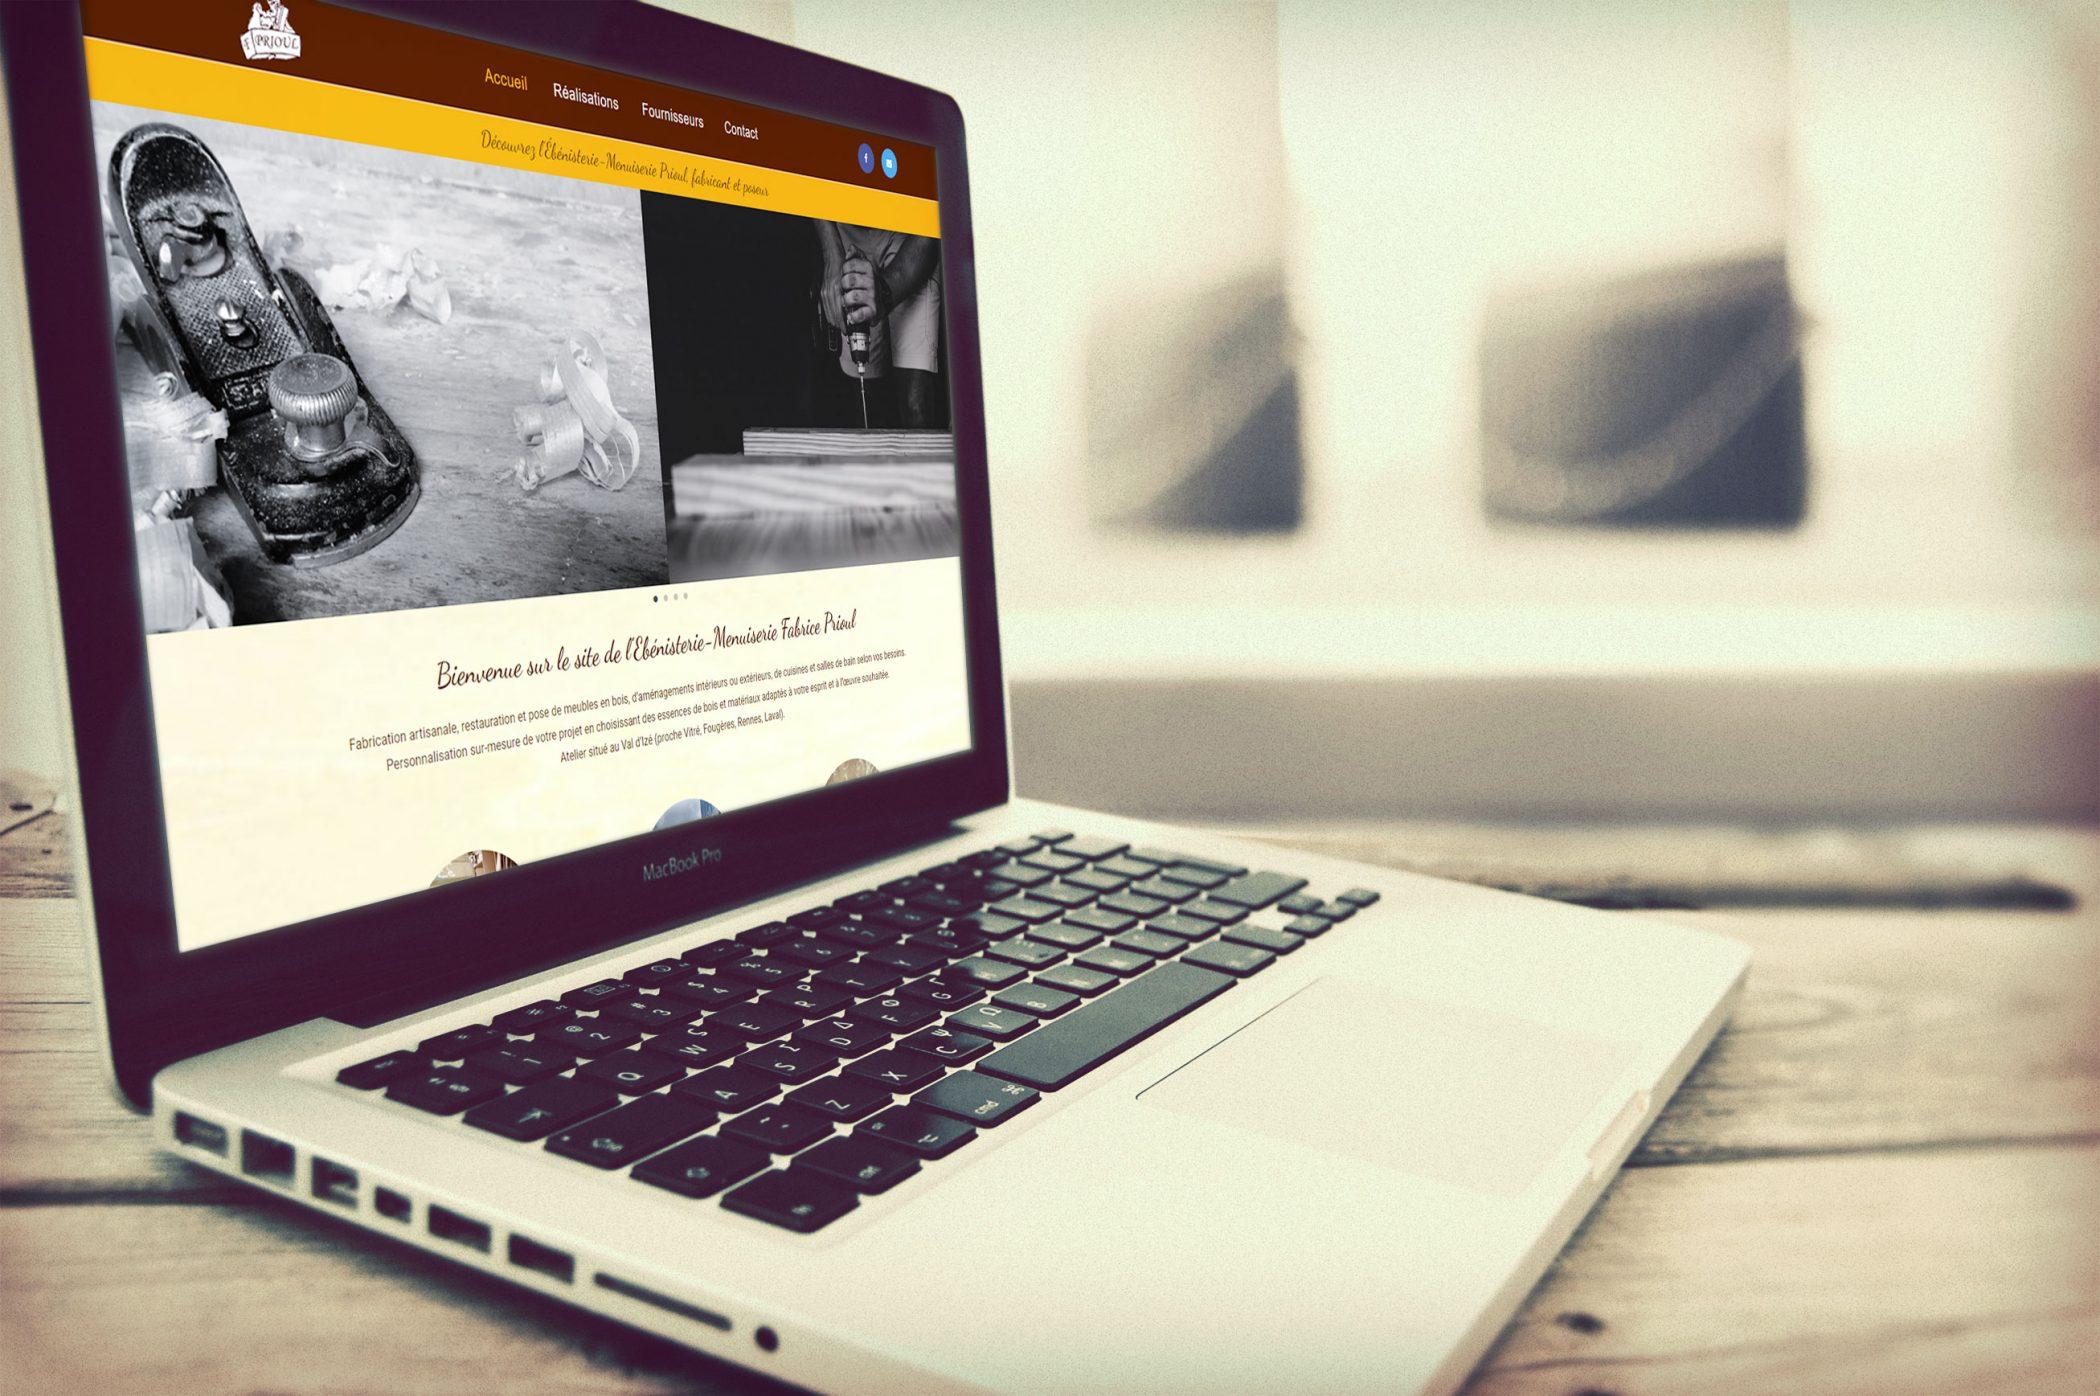 Création d'un site web vitrine pour présenter son activité (optimisation SEO, formation initiale)